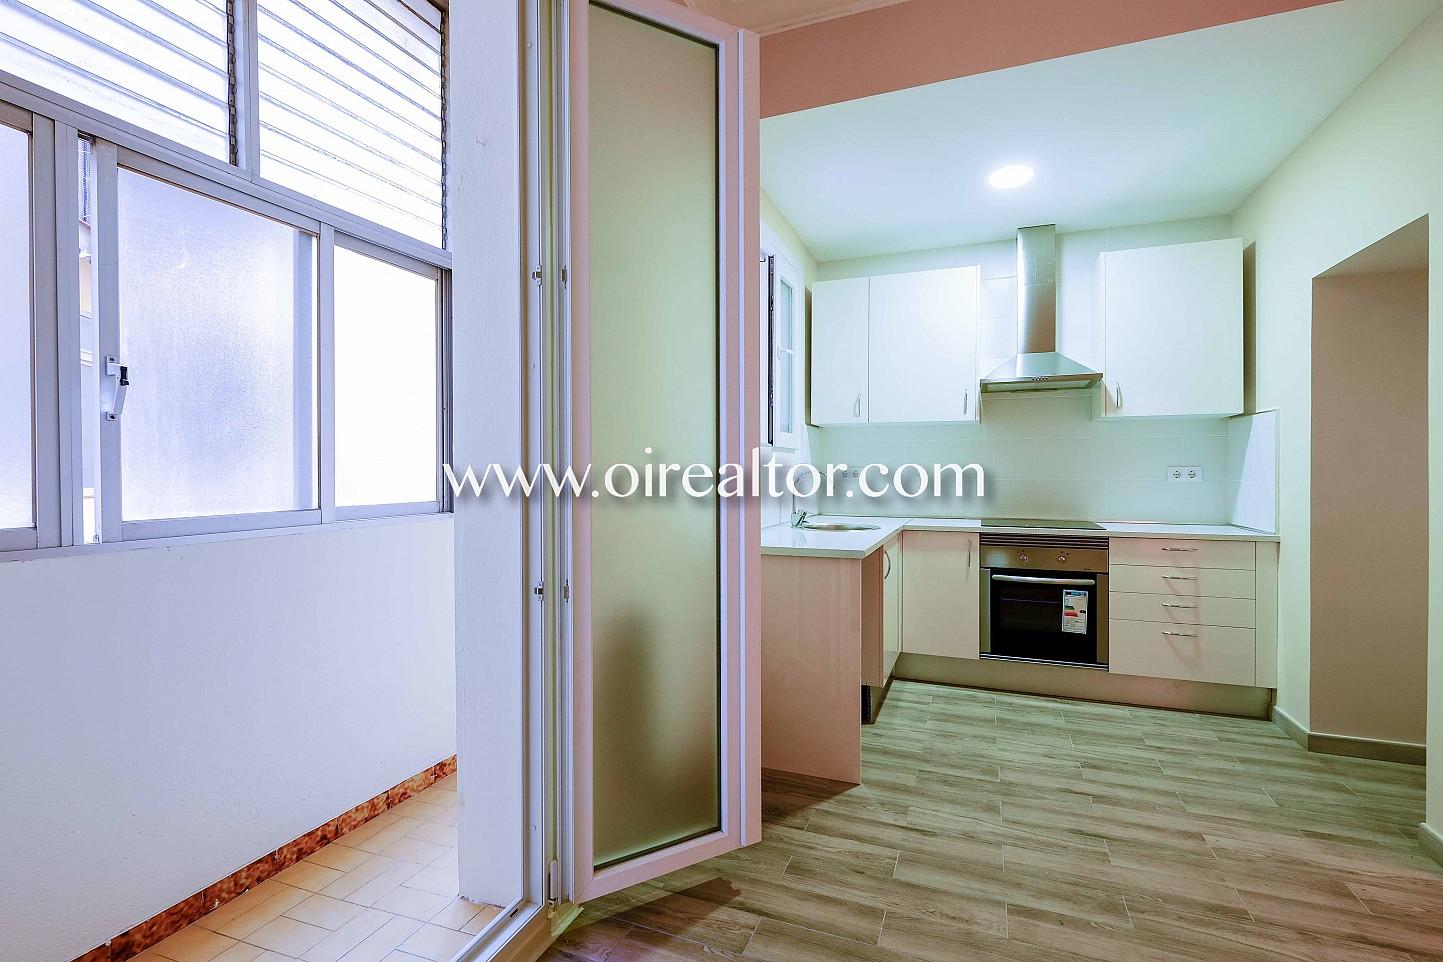 amplio, luz, luminoso, piso, ventana, cocina, electrodomésticos, campana extractora horno, cocina americana